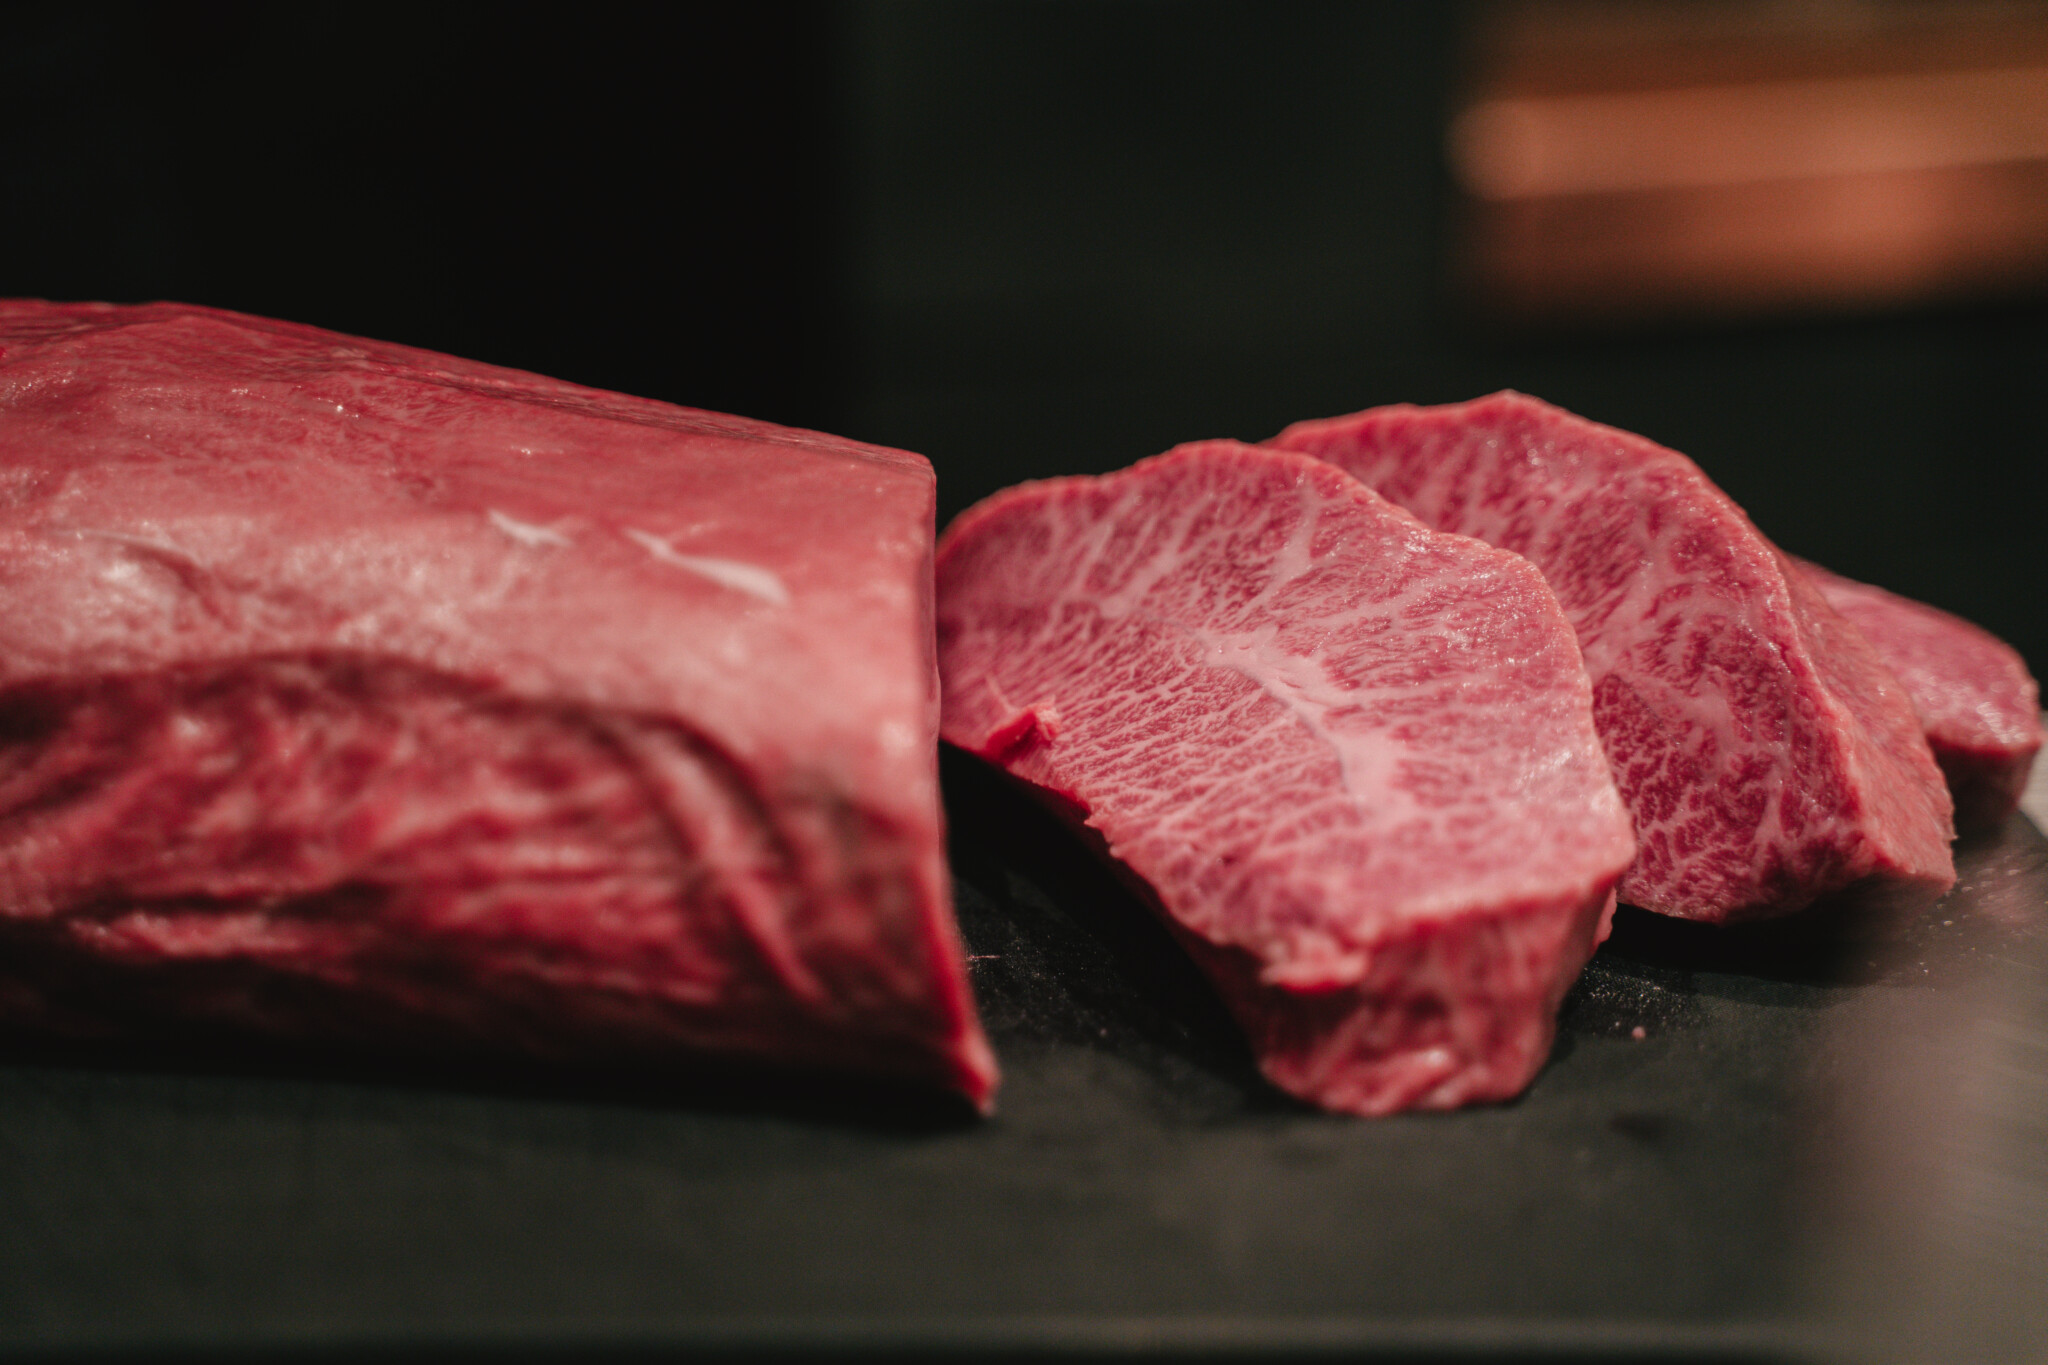 五感で楽しむ熟成肉。西麻布の体験型レストラン〈FIRE WOOD TOKYO〉がグランドオープン!